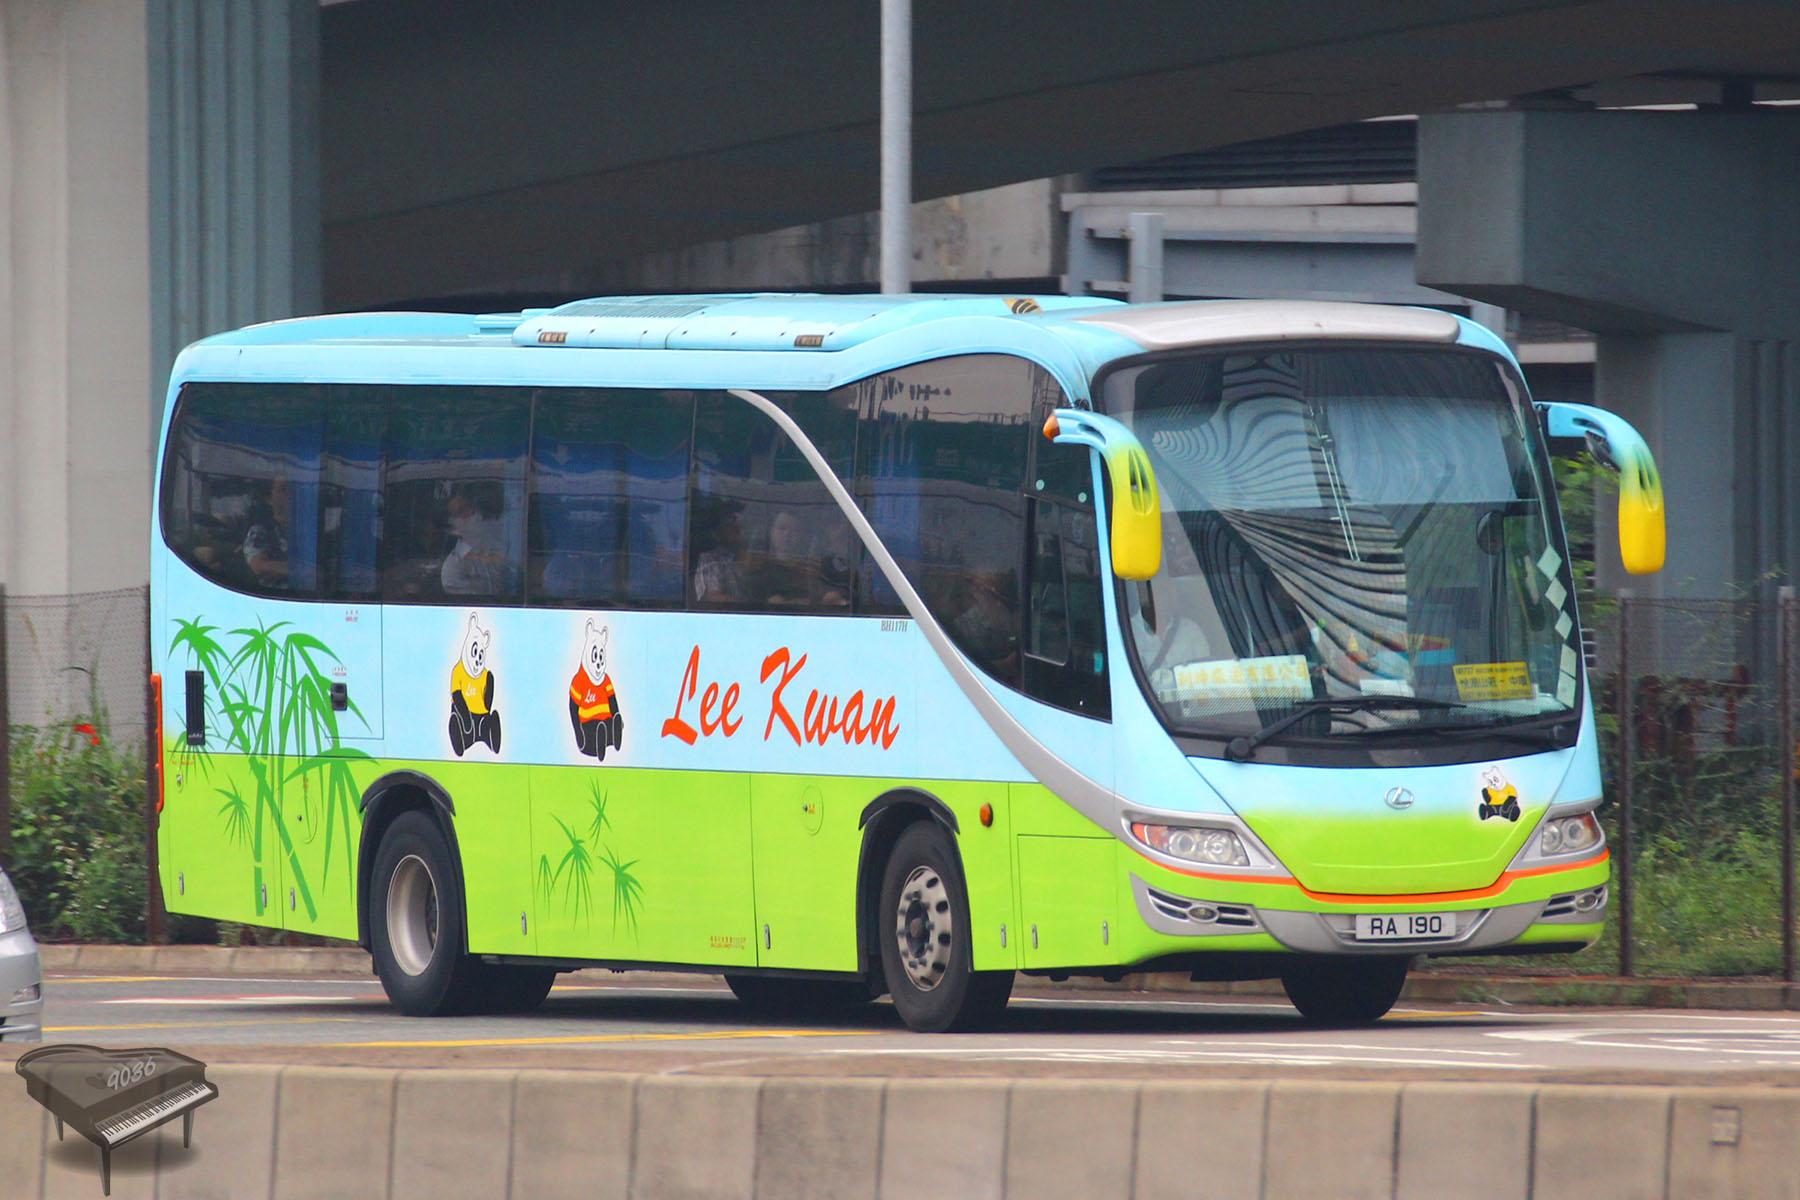 居民巴士NR727線